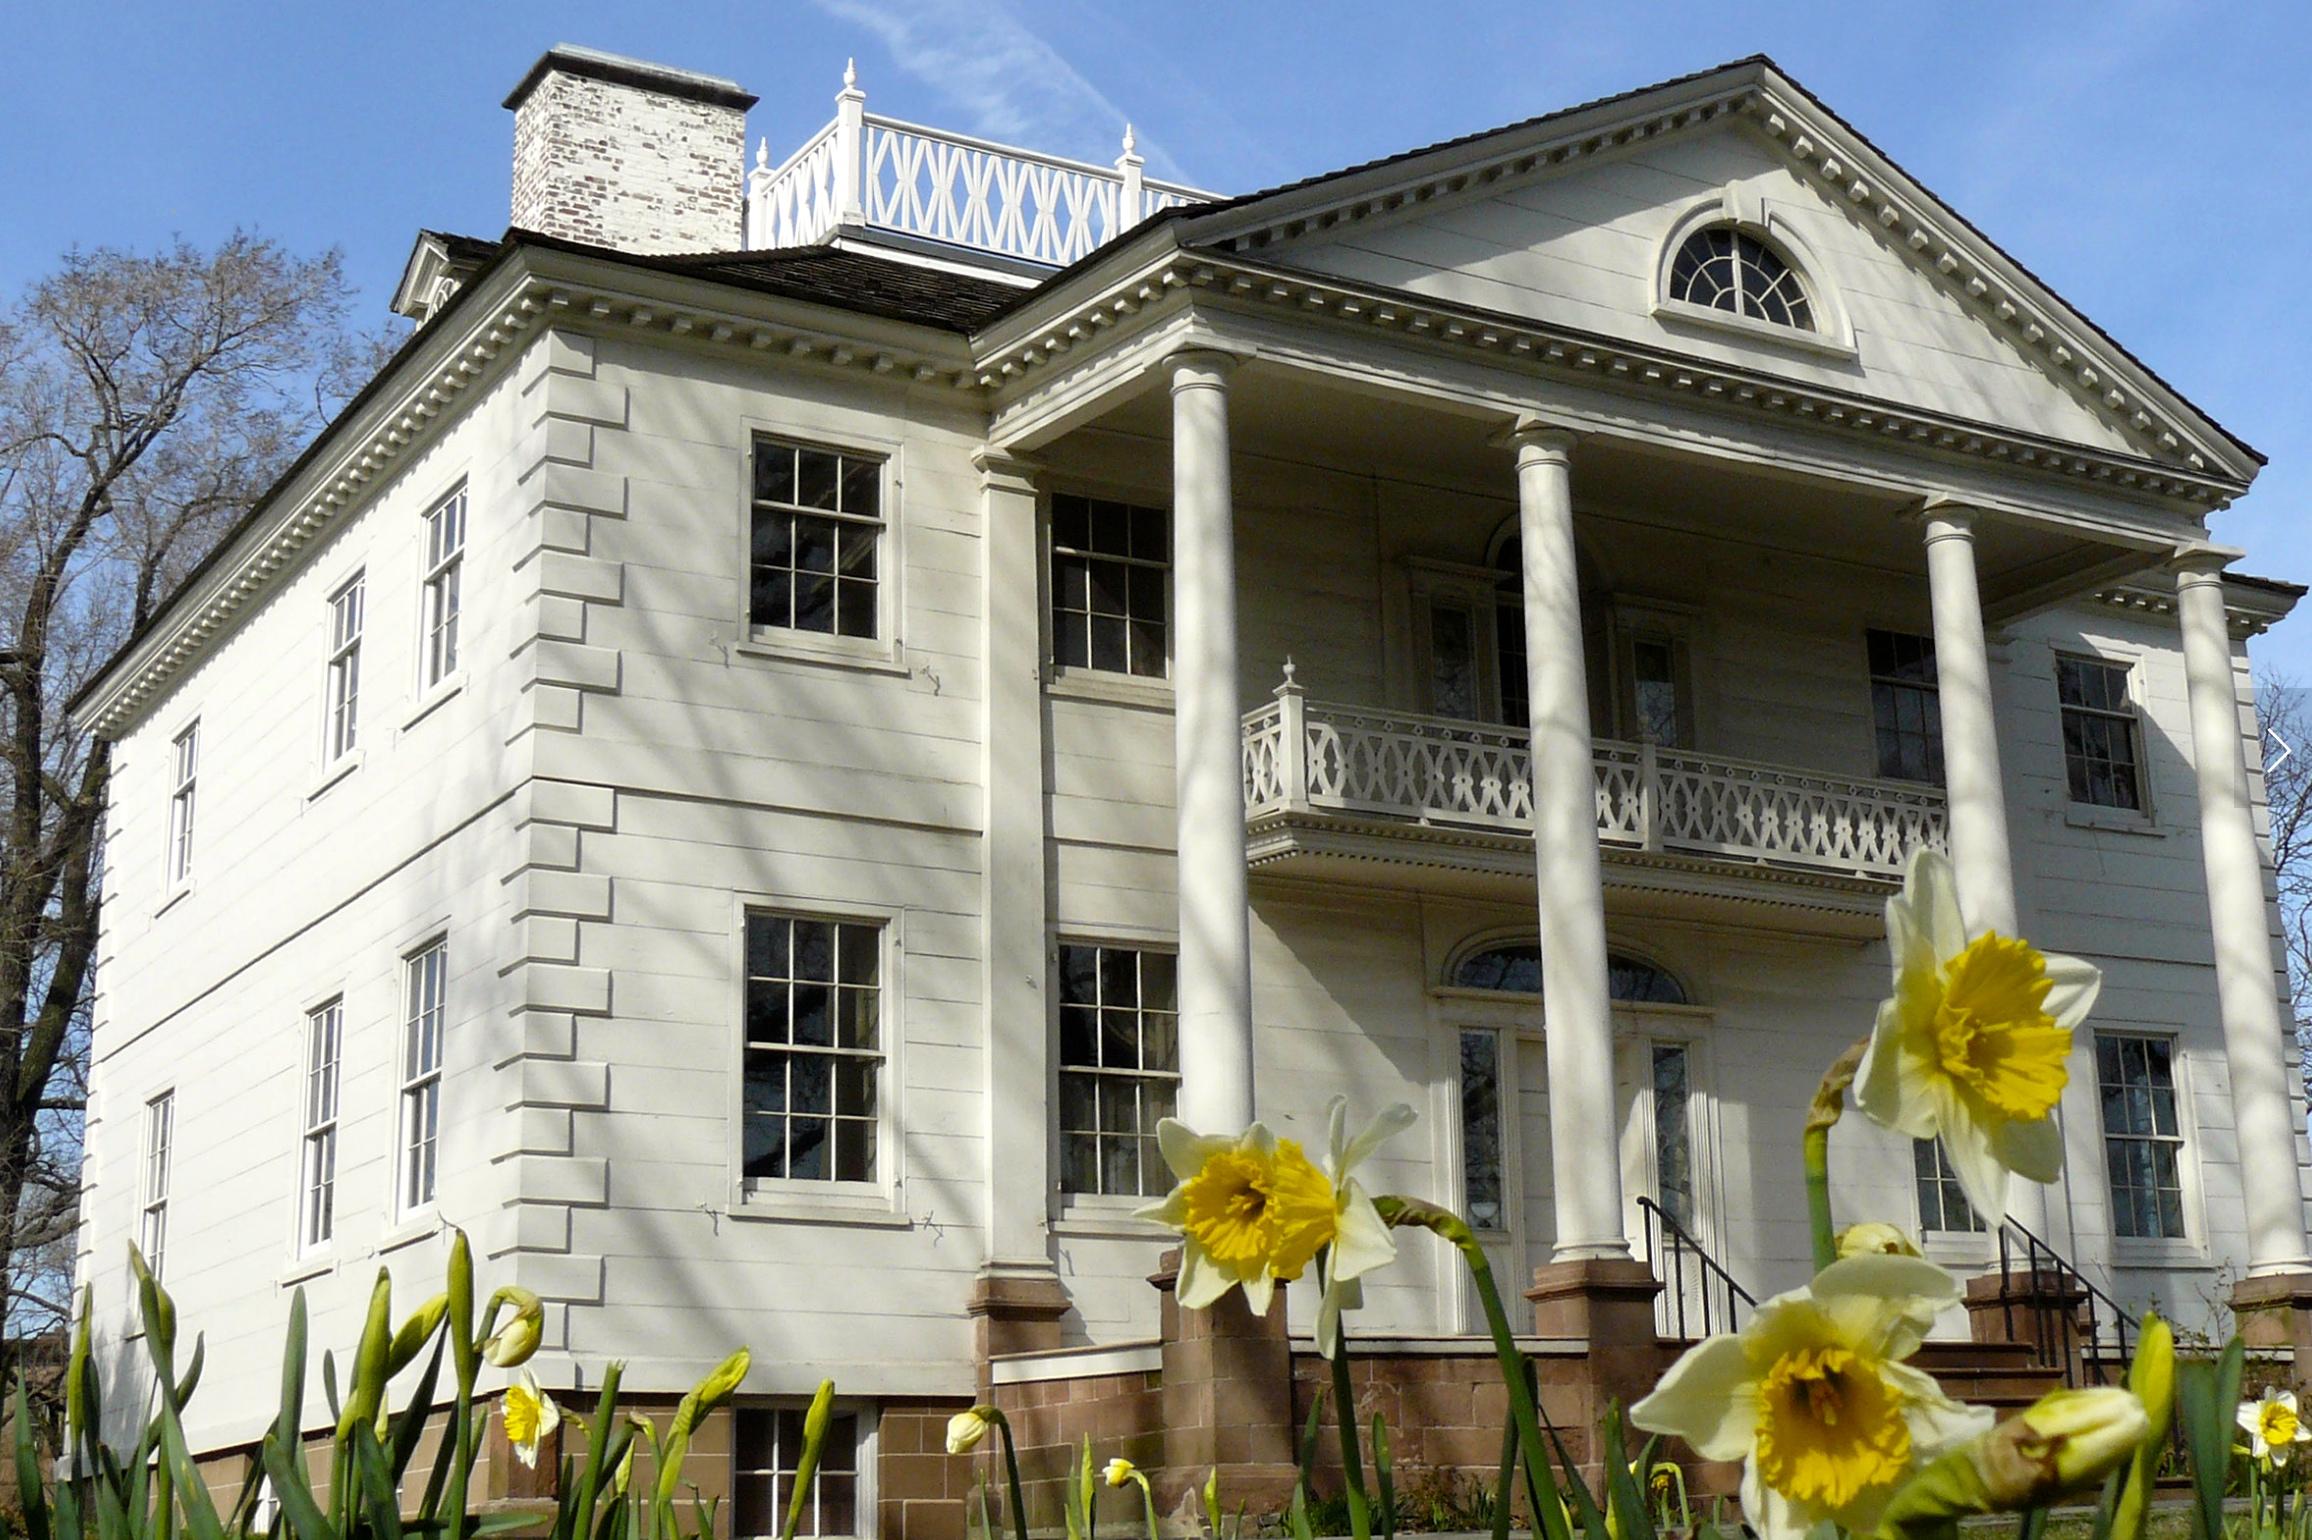 7/Morris-Jumel Mansion